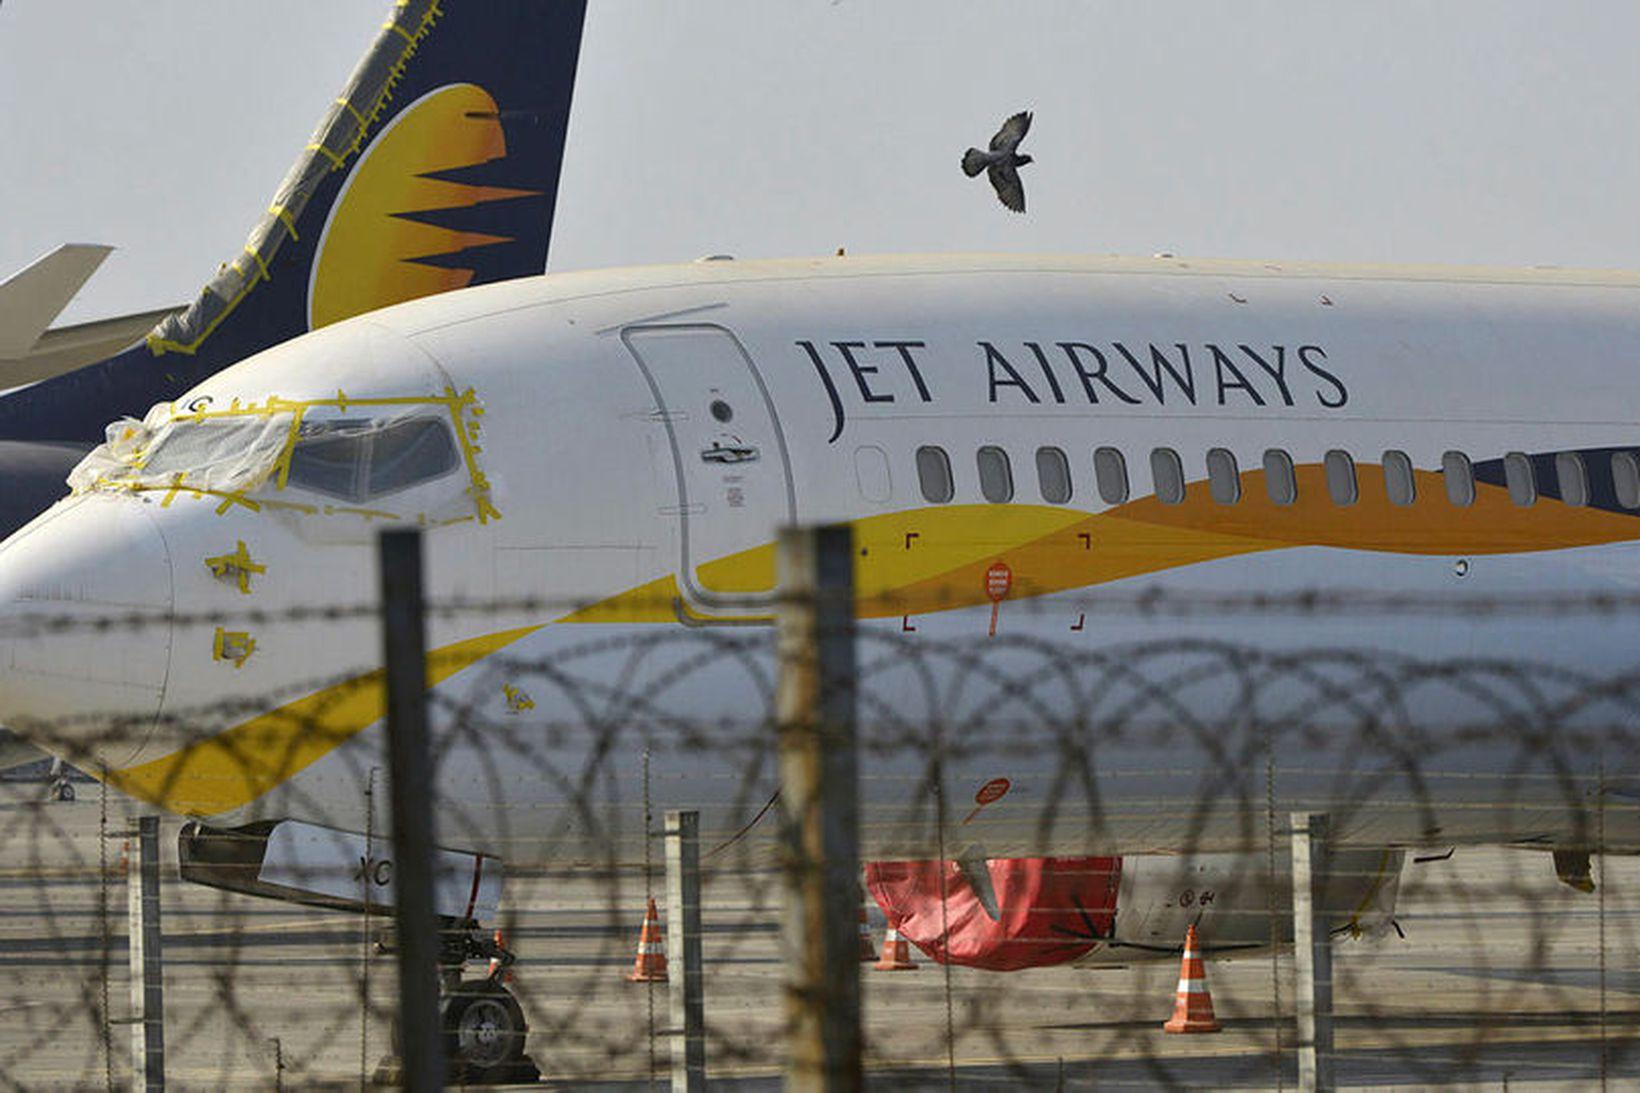 Tíu flugvélar Jet Airways voru kyrrsettar af leigusölum flugvélanna í …